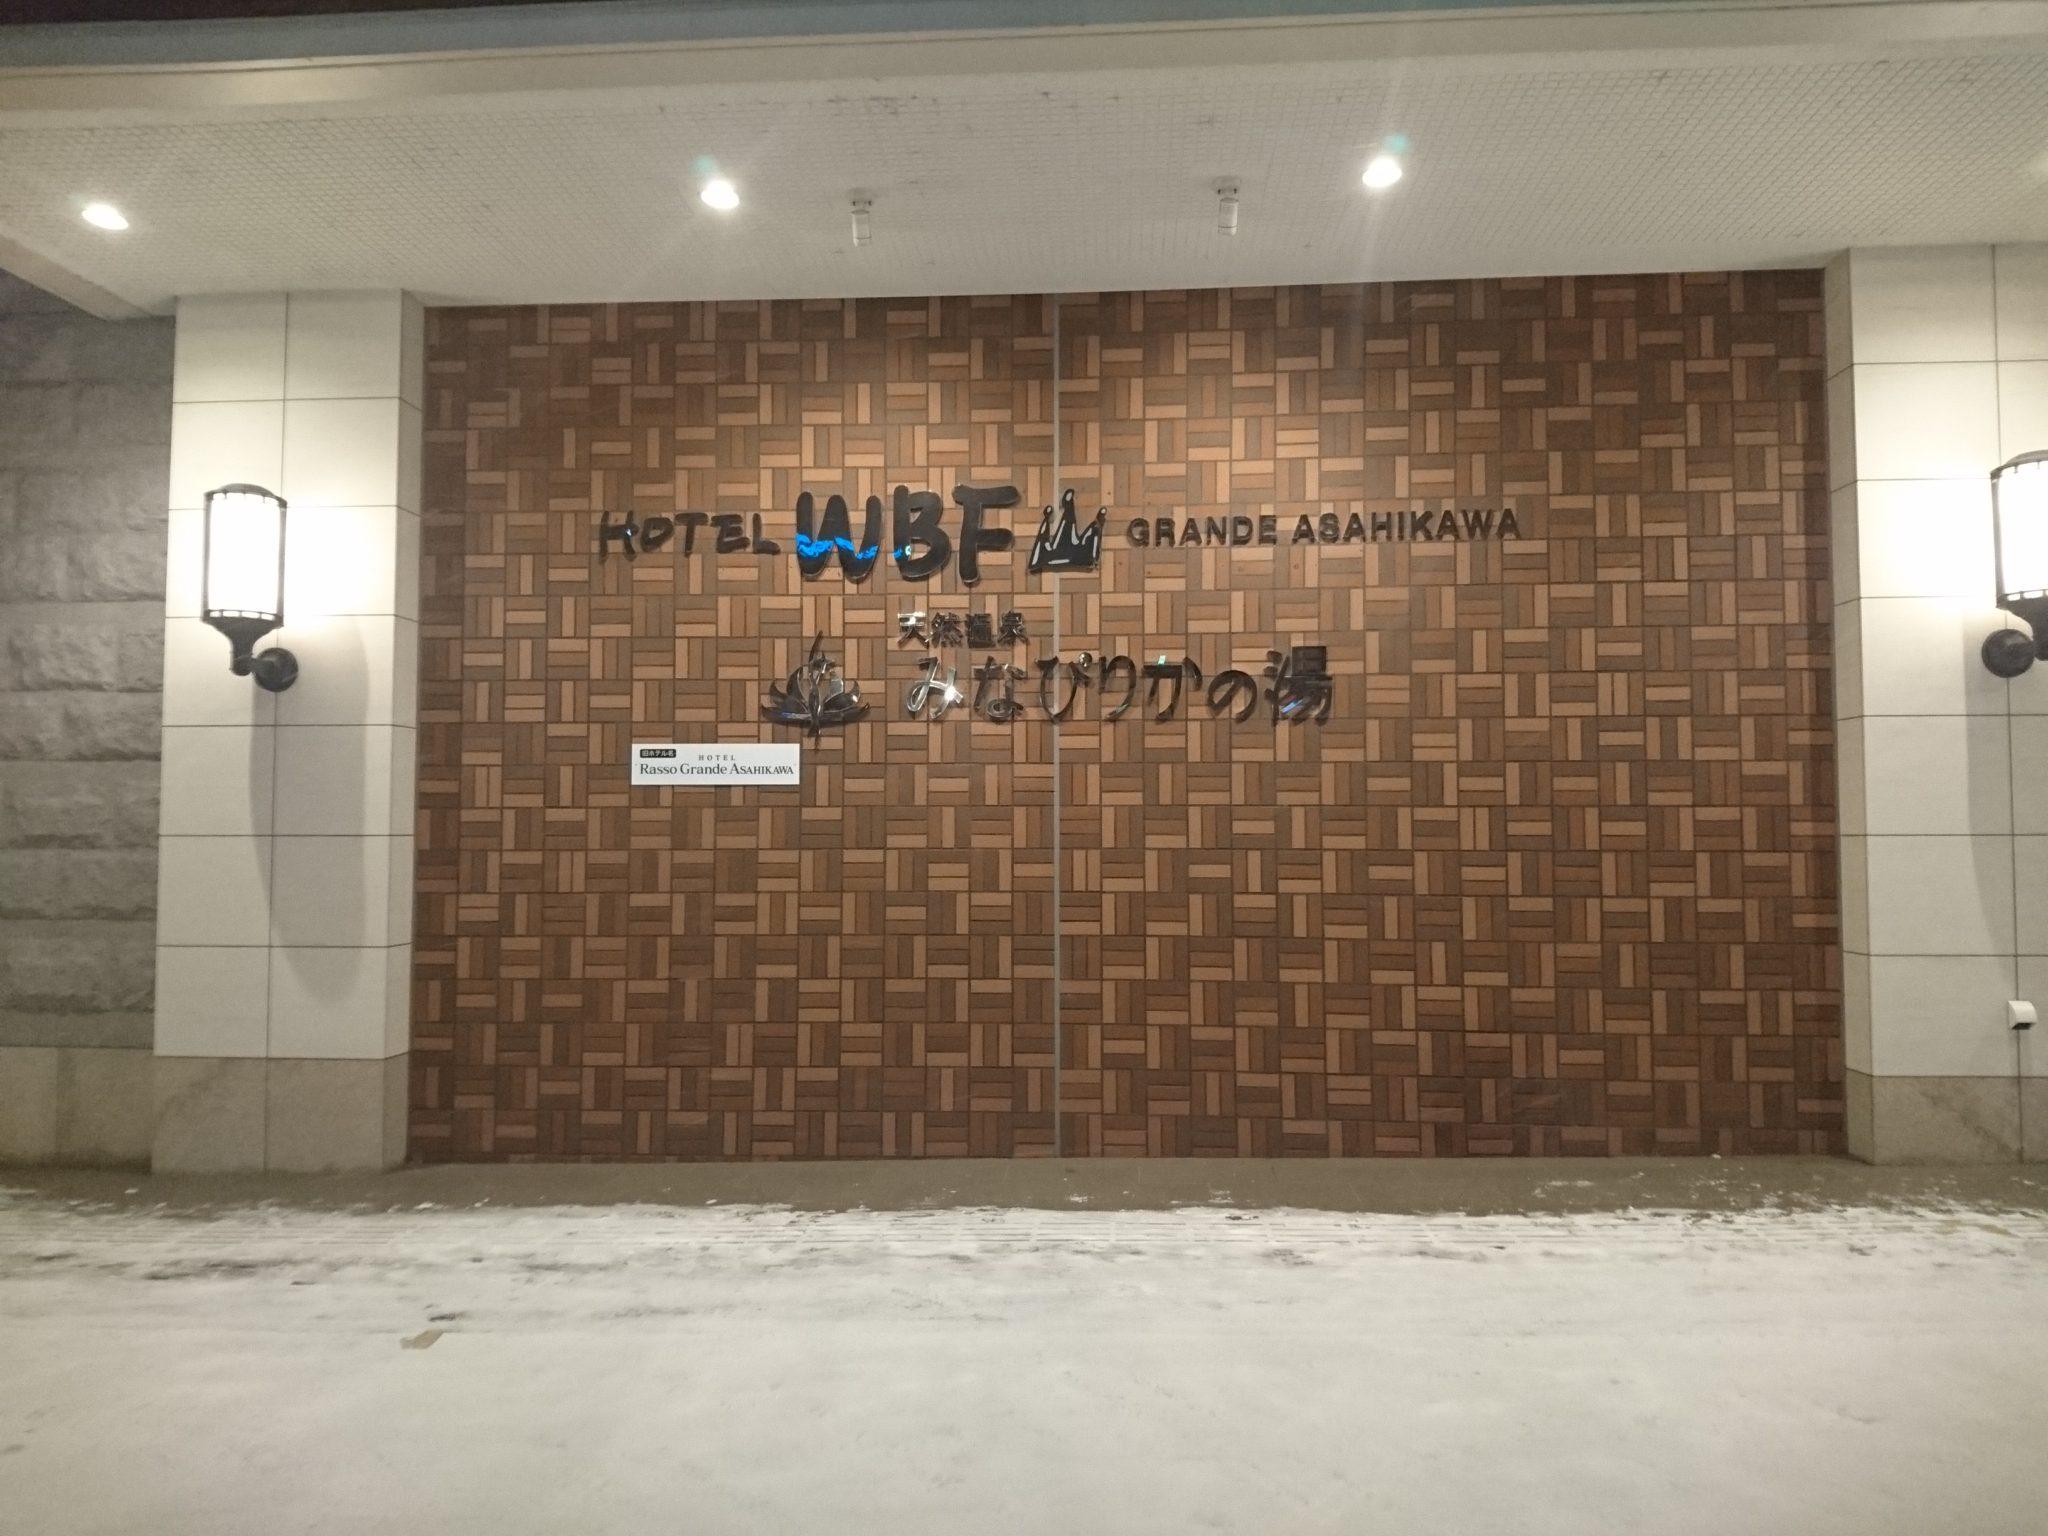 ホテルWBFグランデ旭川入り口